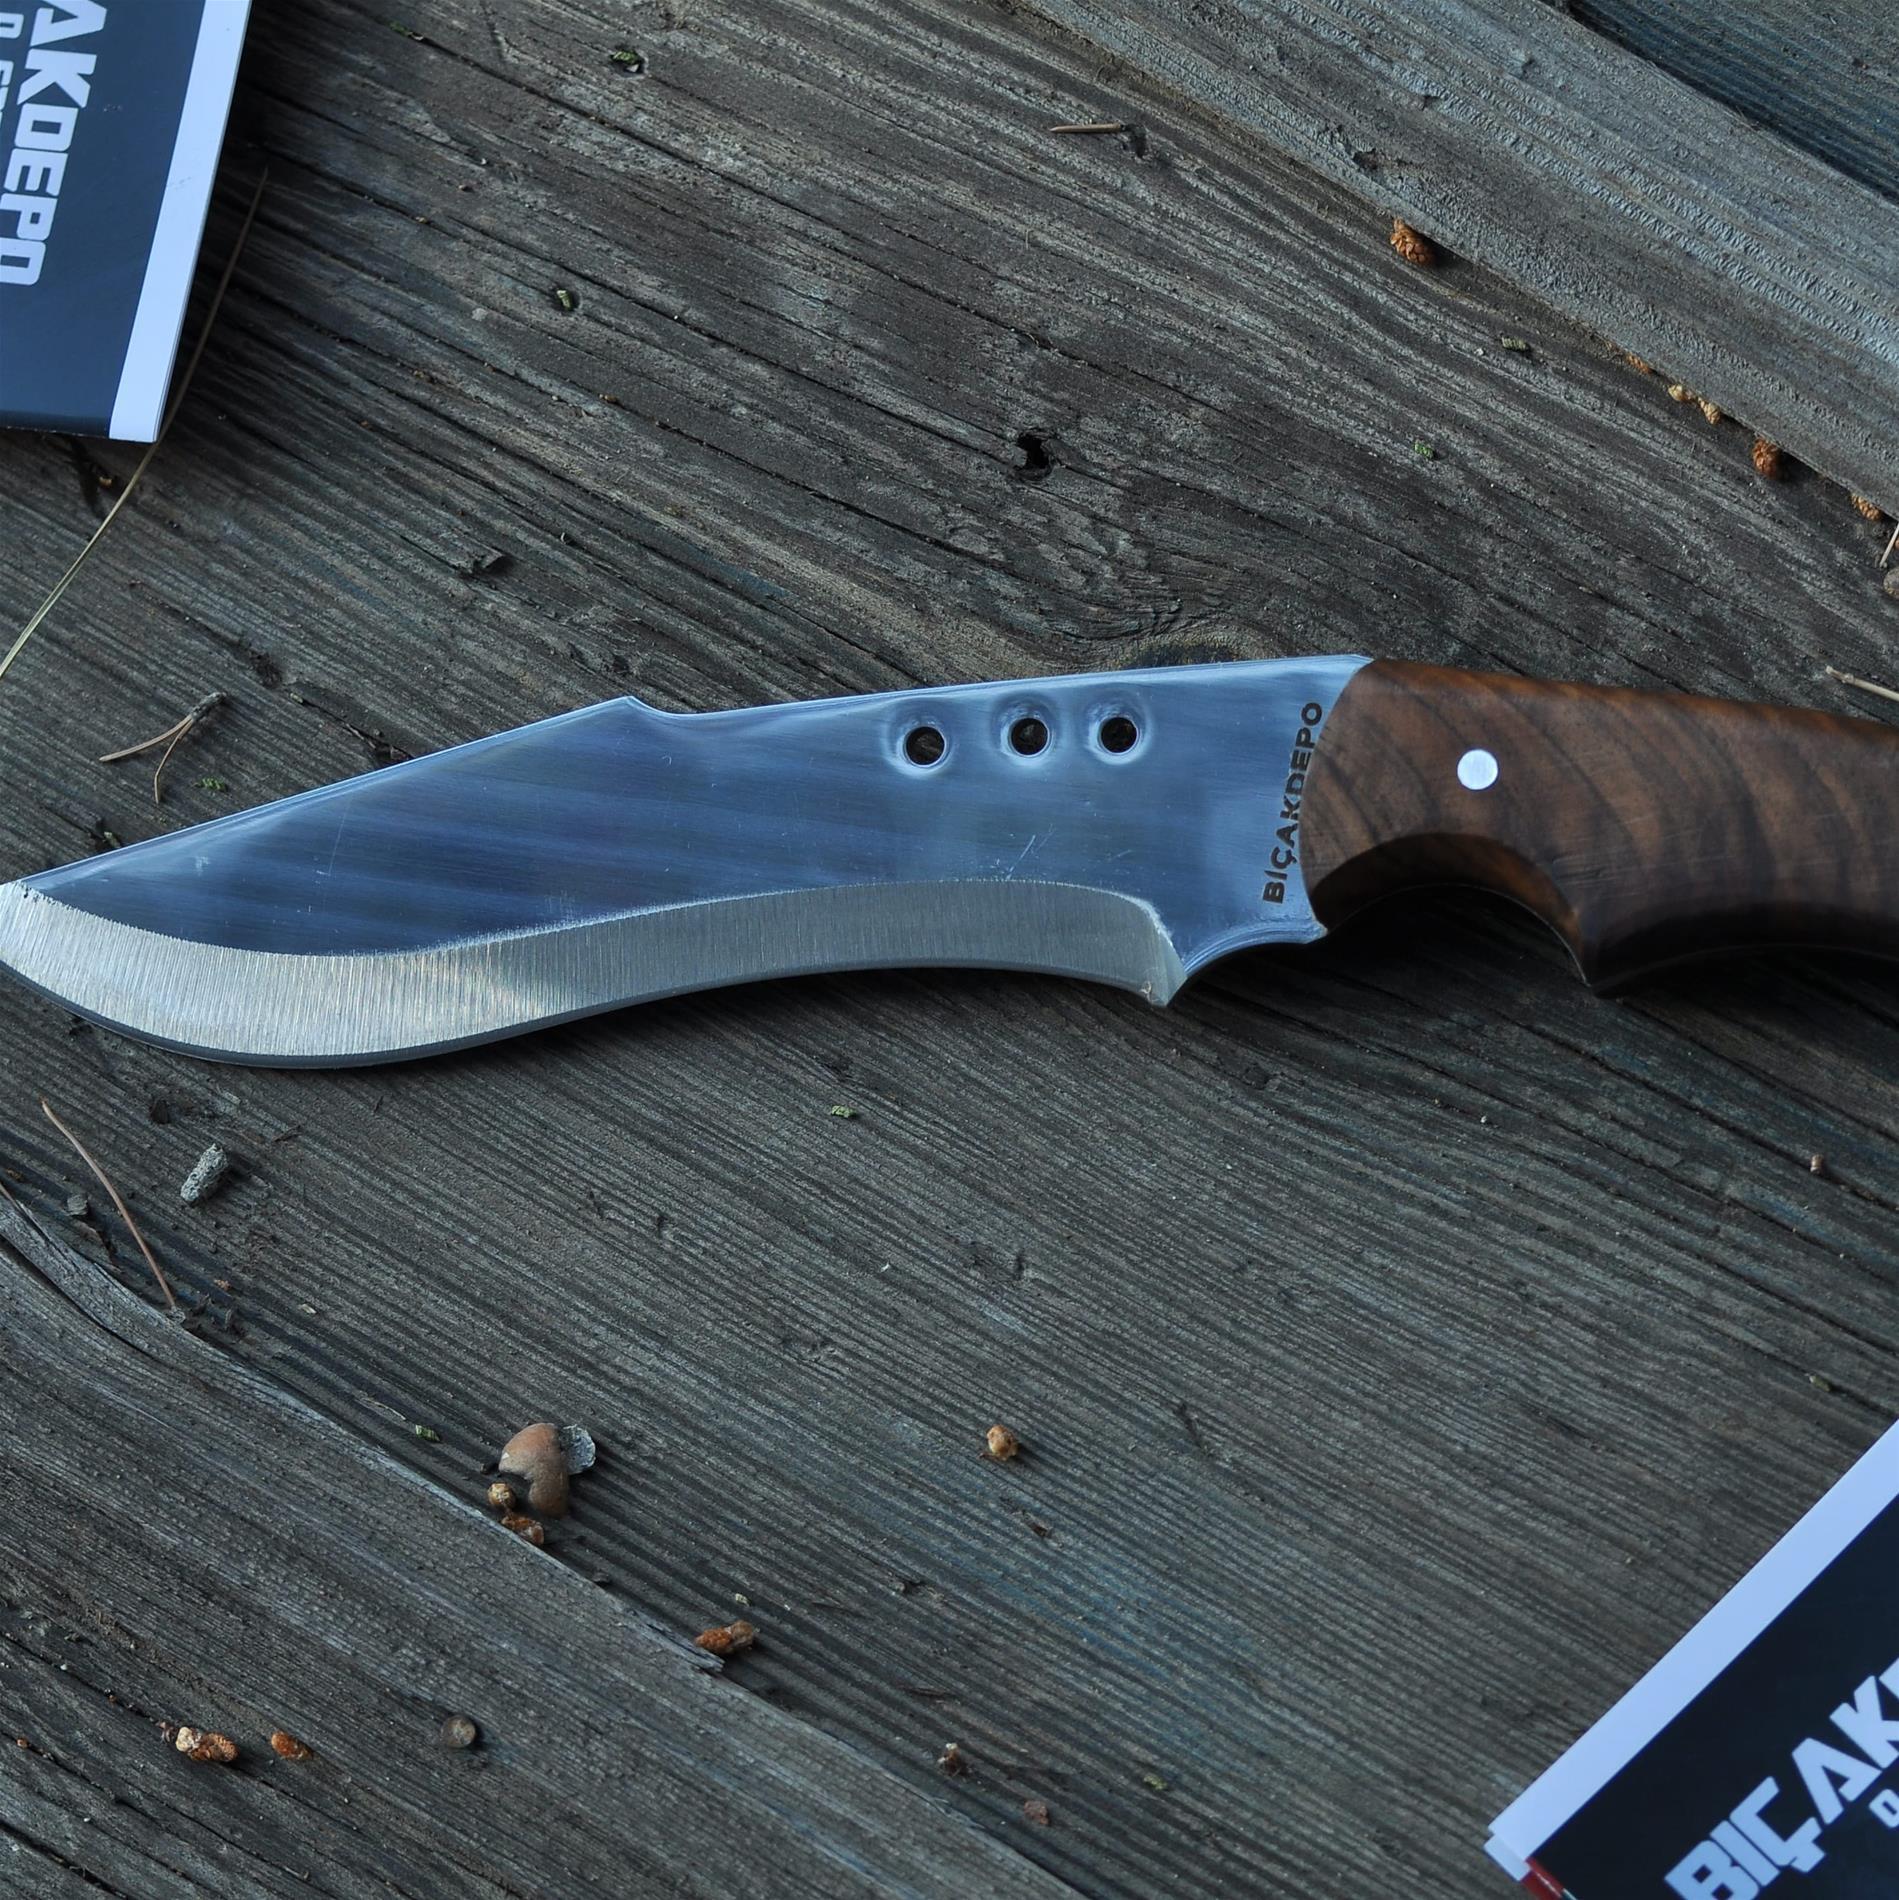 Savaş bıçakları - uzun bir geçmişi olan soğuk çelik